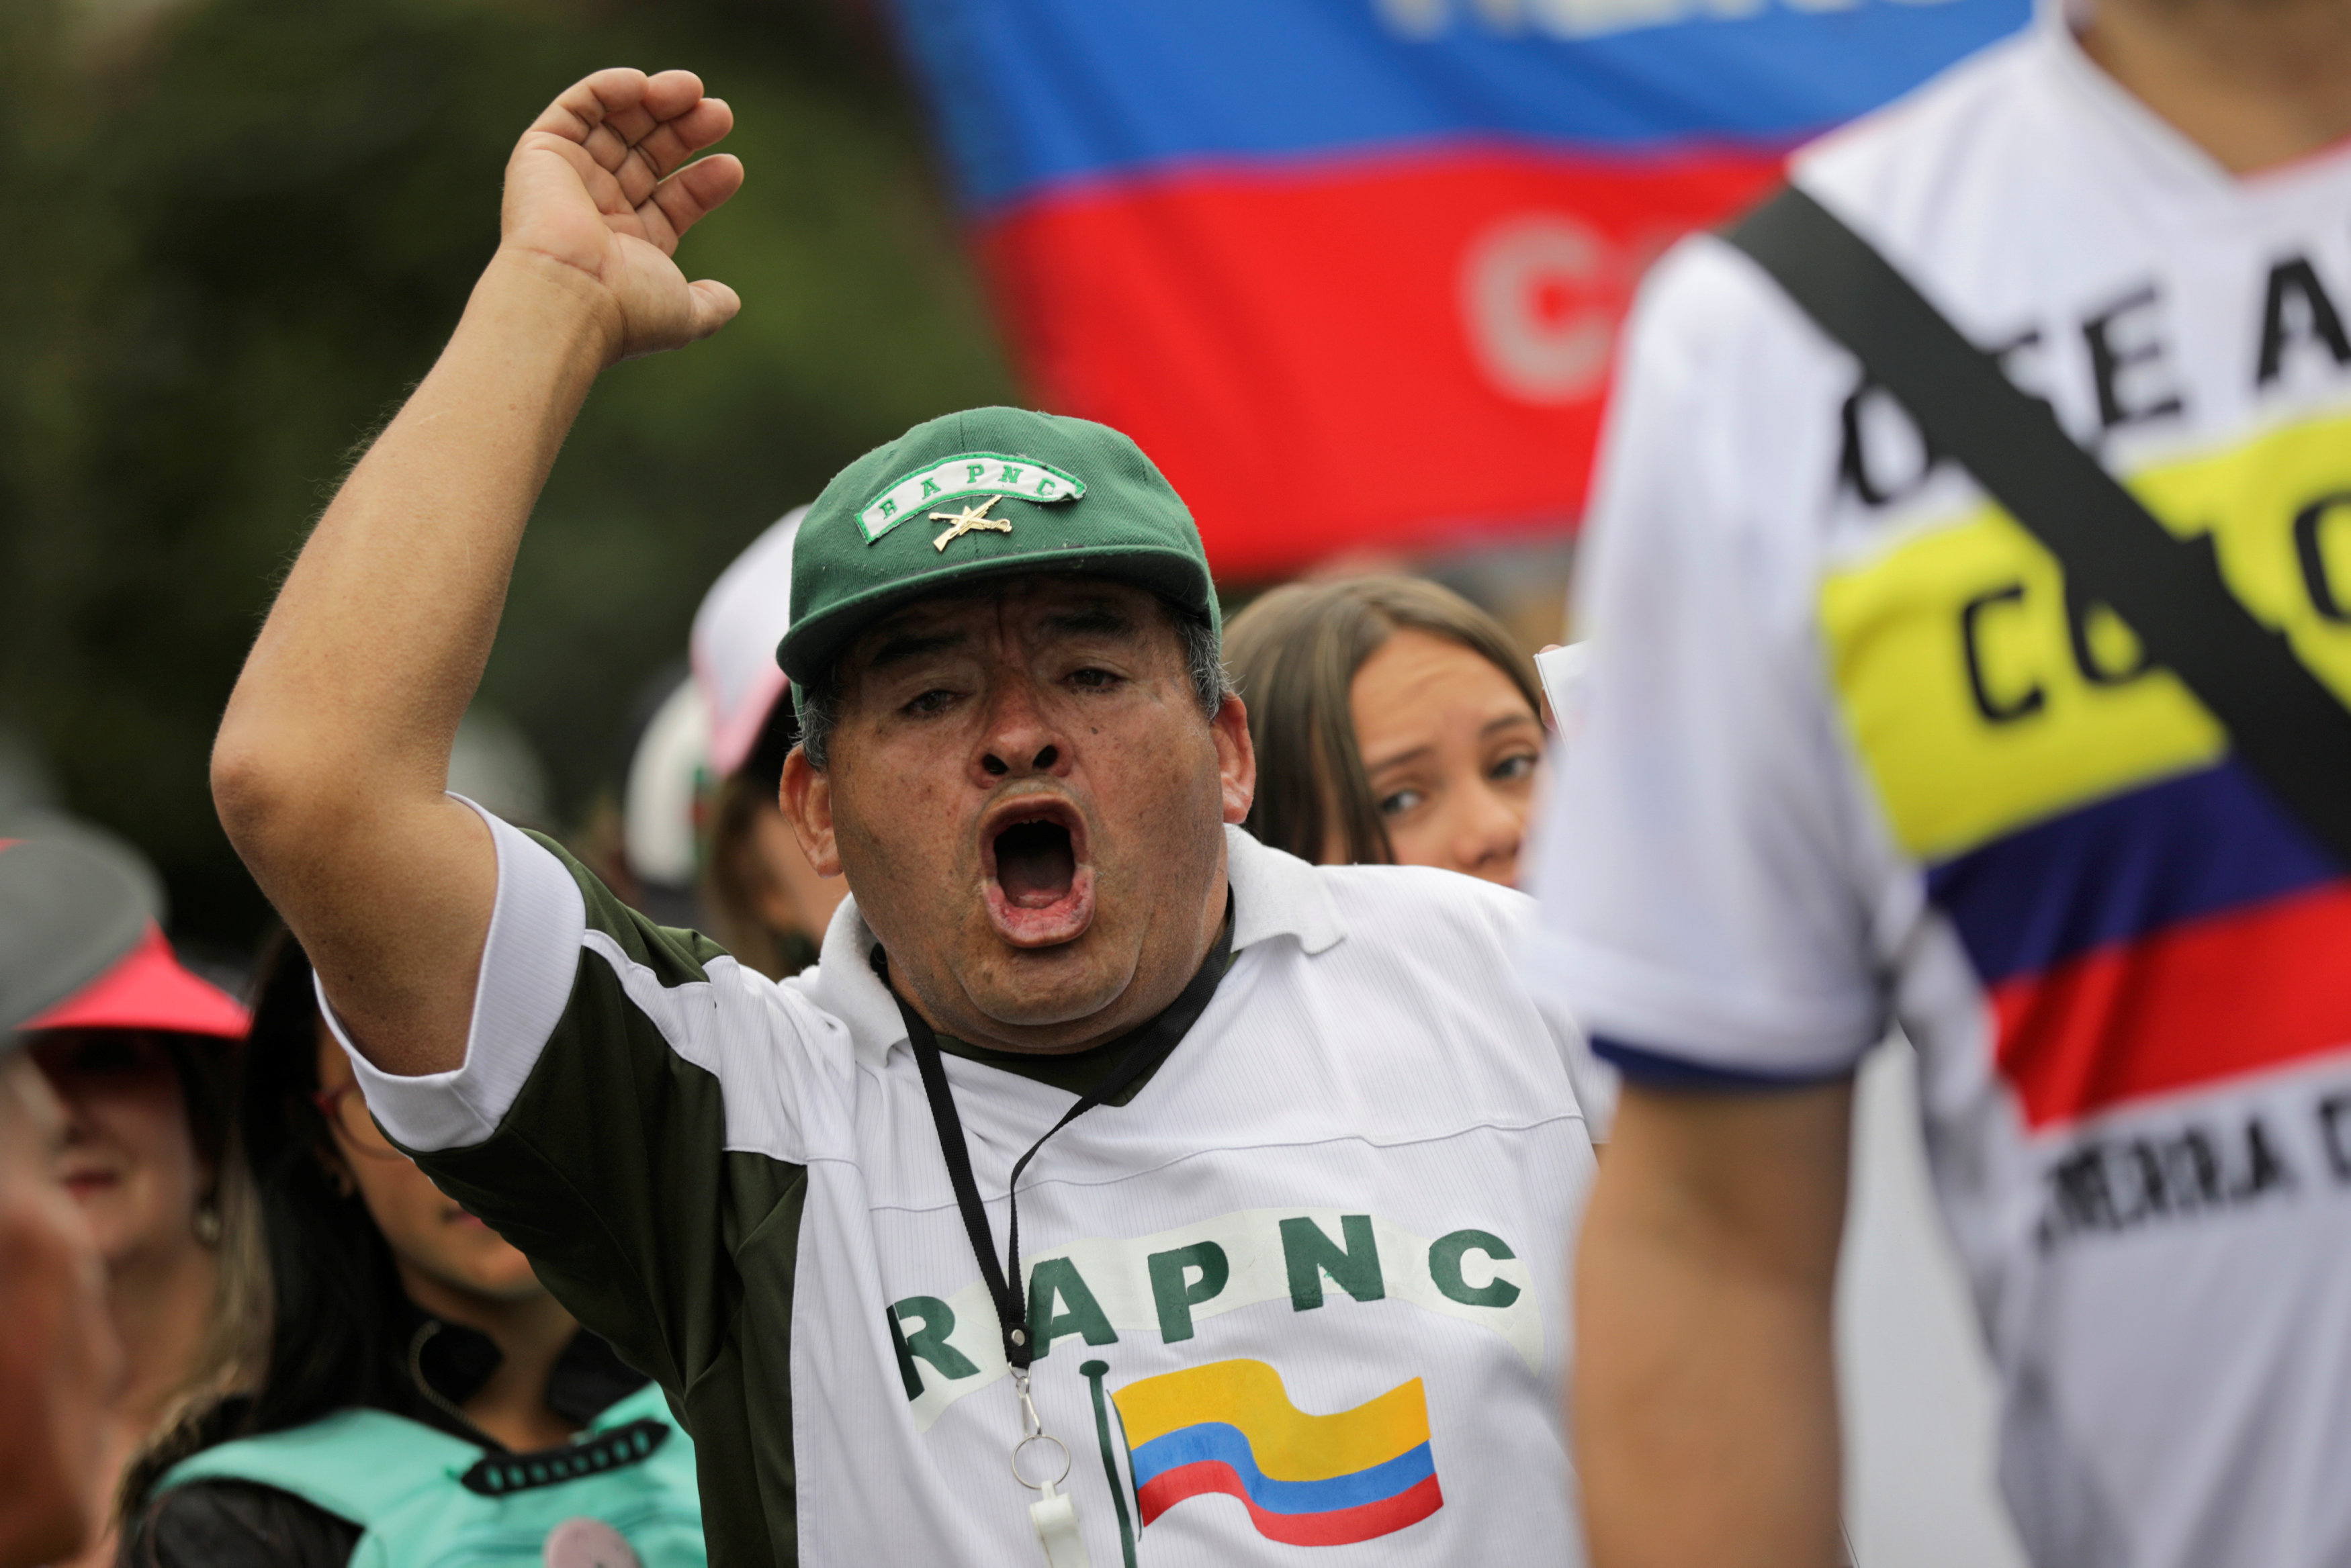 مسيرة ضد العنف فى كولومبيا (1)